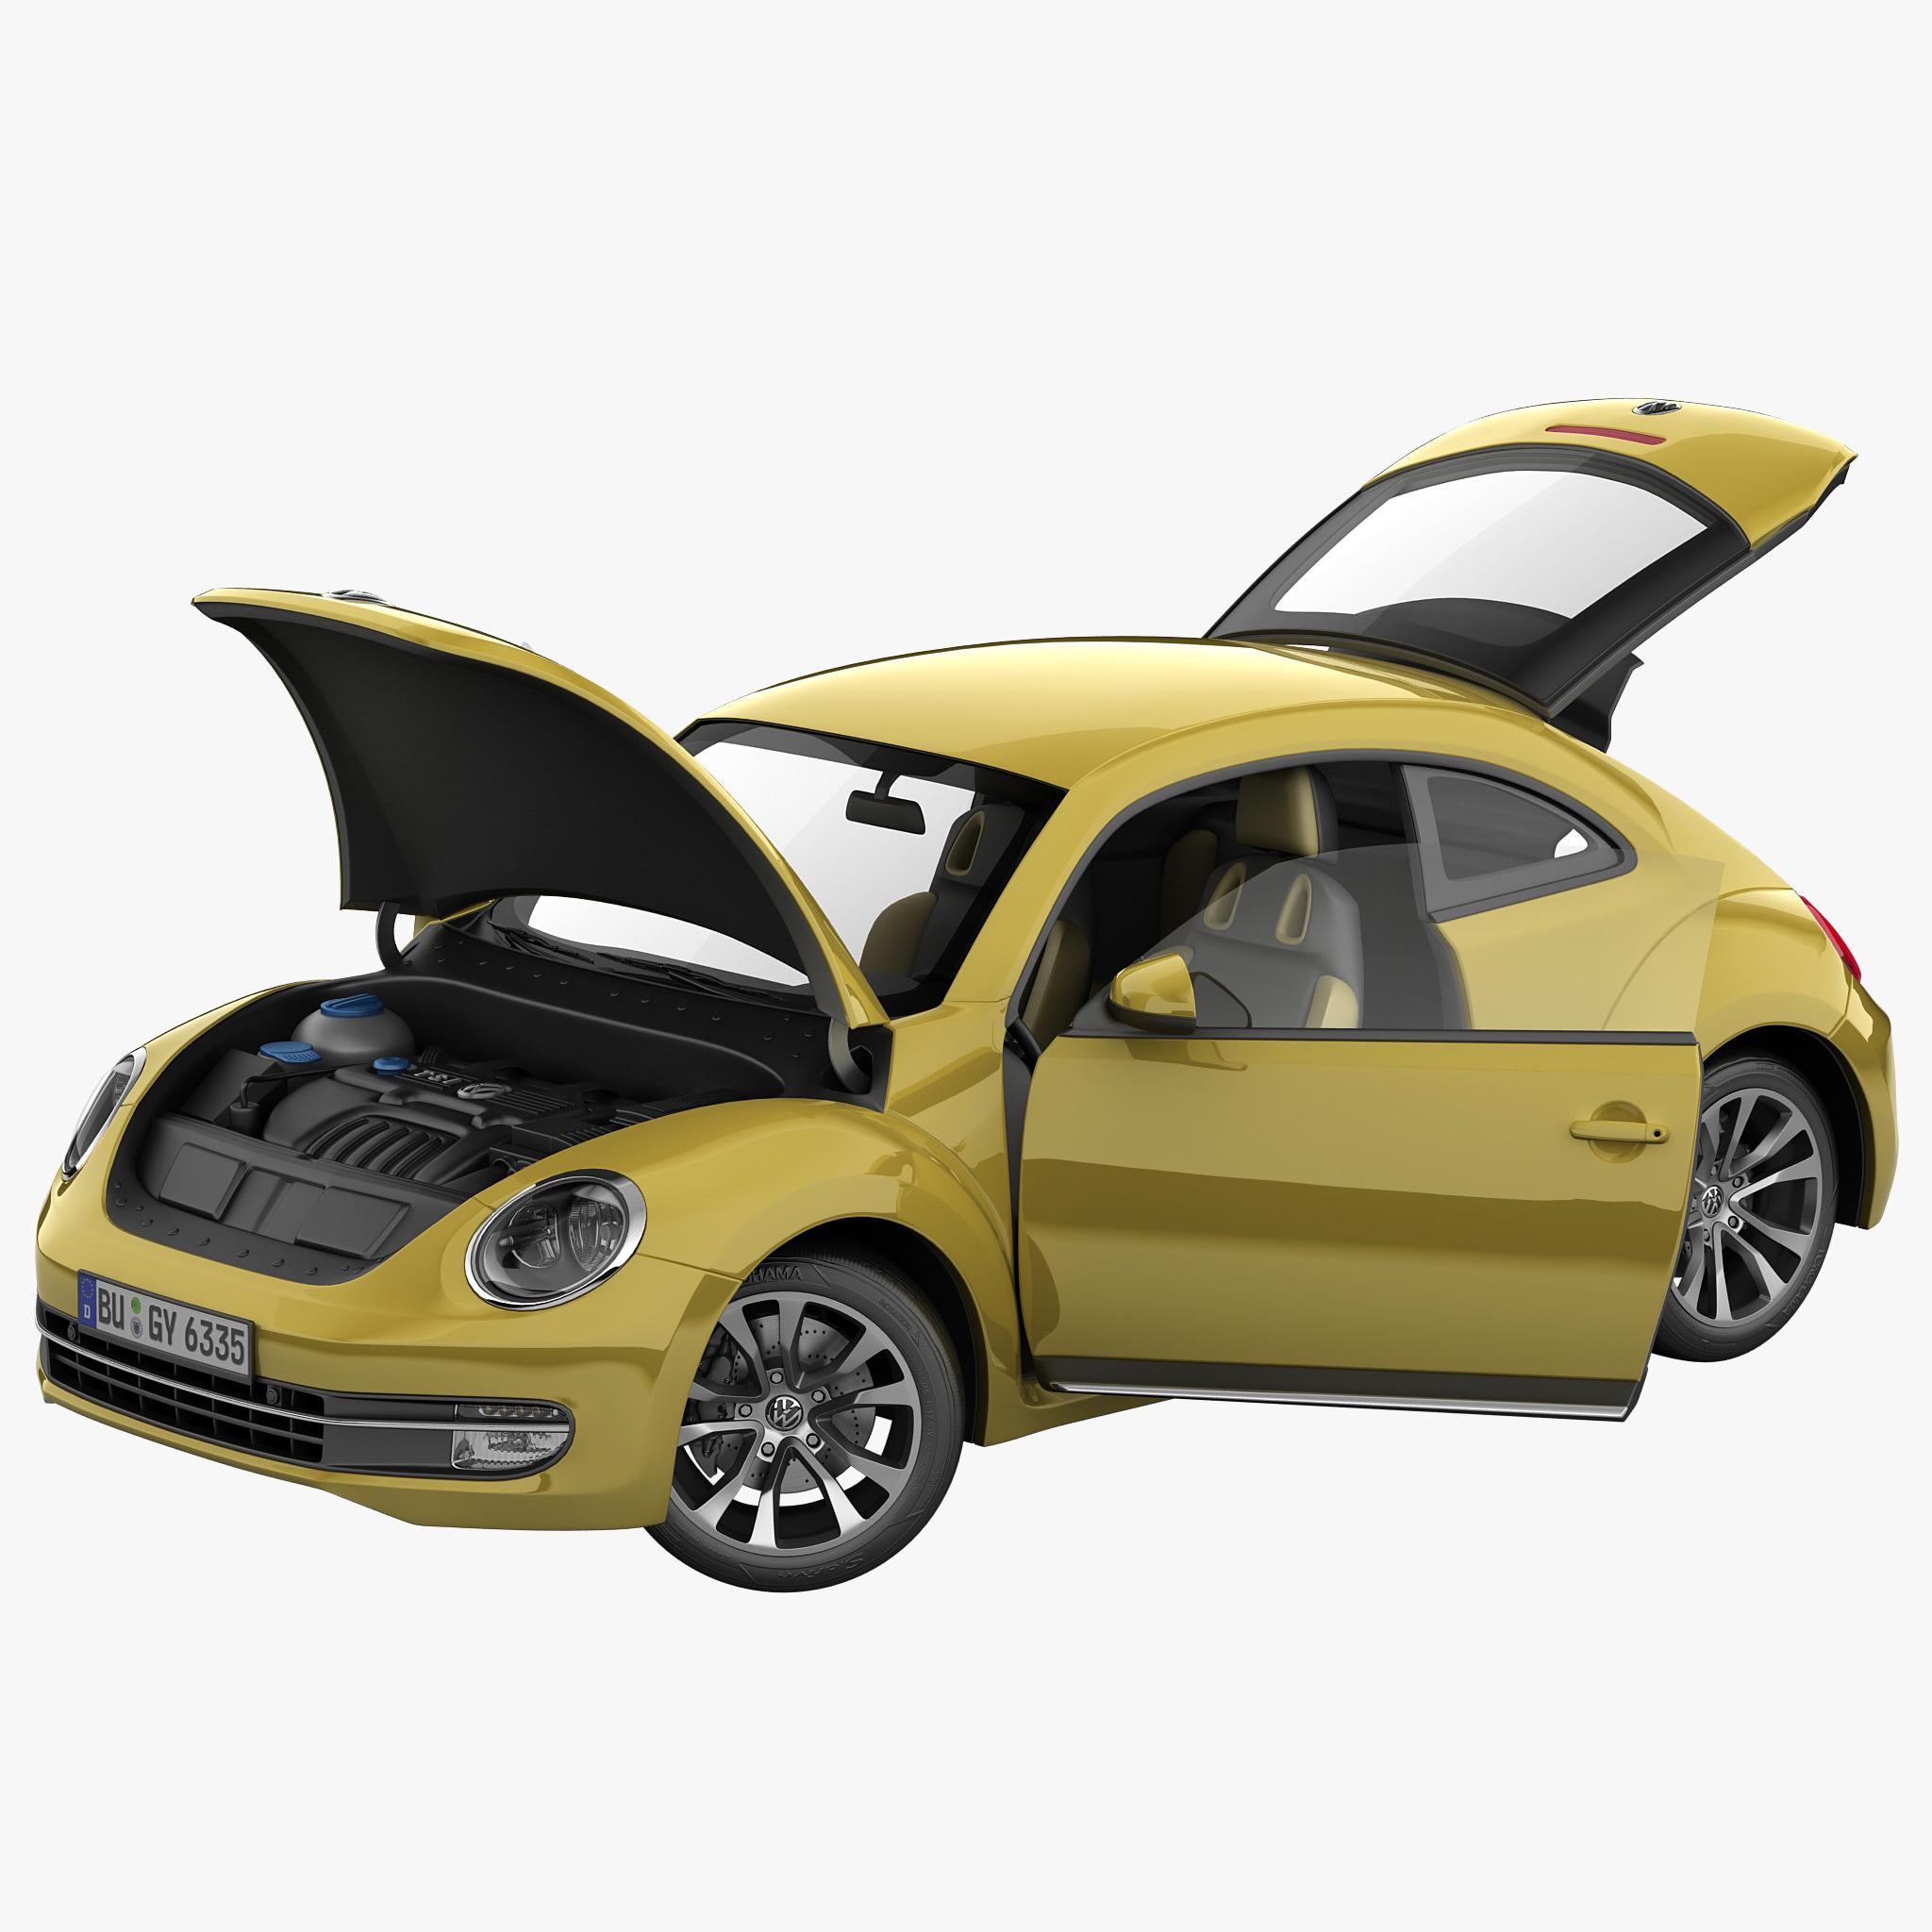 volkswagen beetle 2012 rigged 3d max